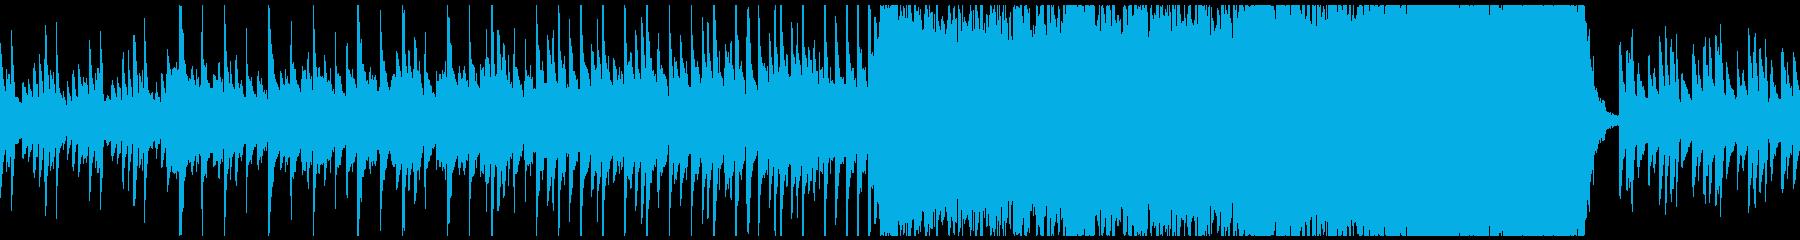 物悲しい・美しい/ゲーム系BGM/M8の再生済みの波形